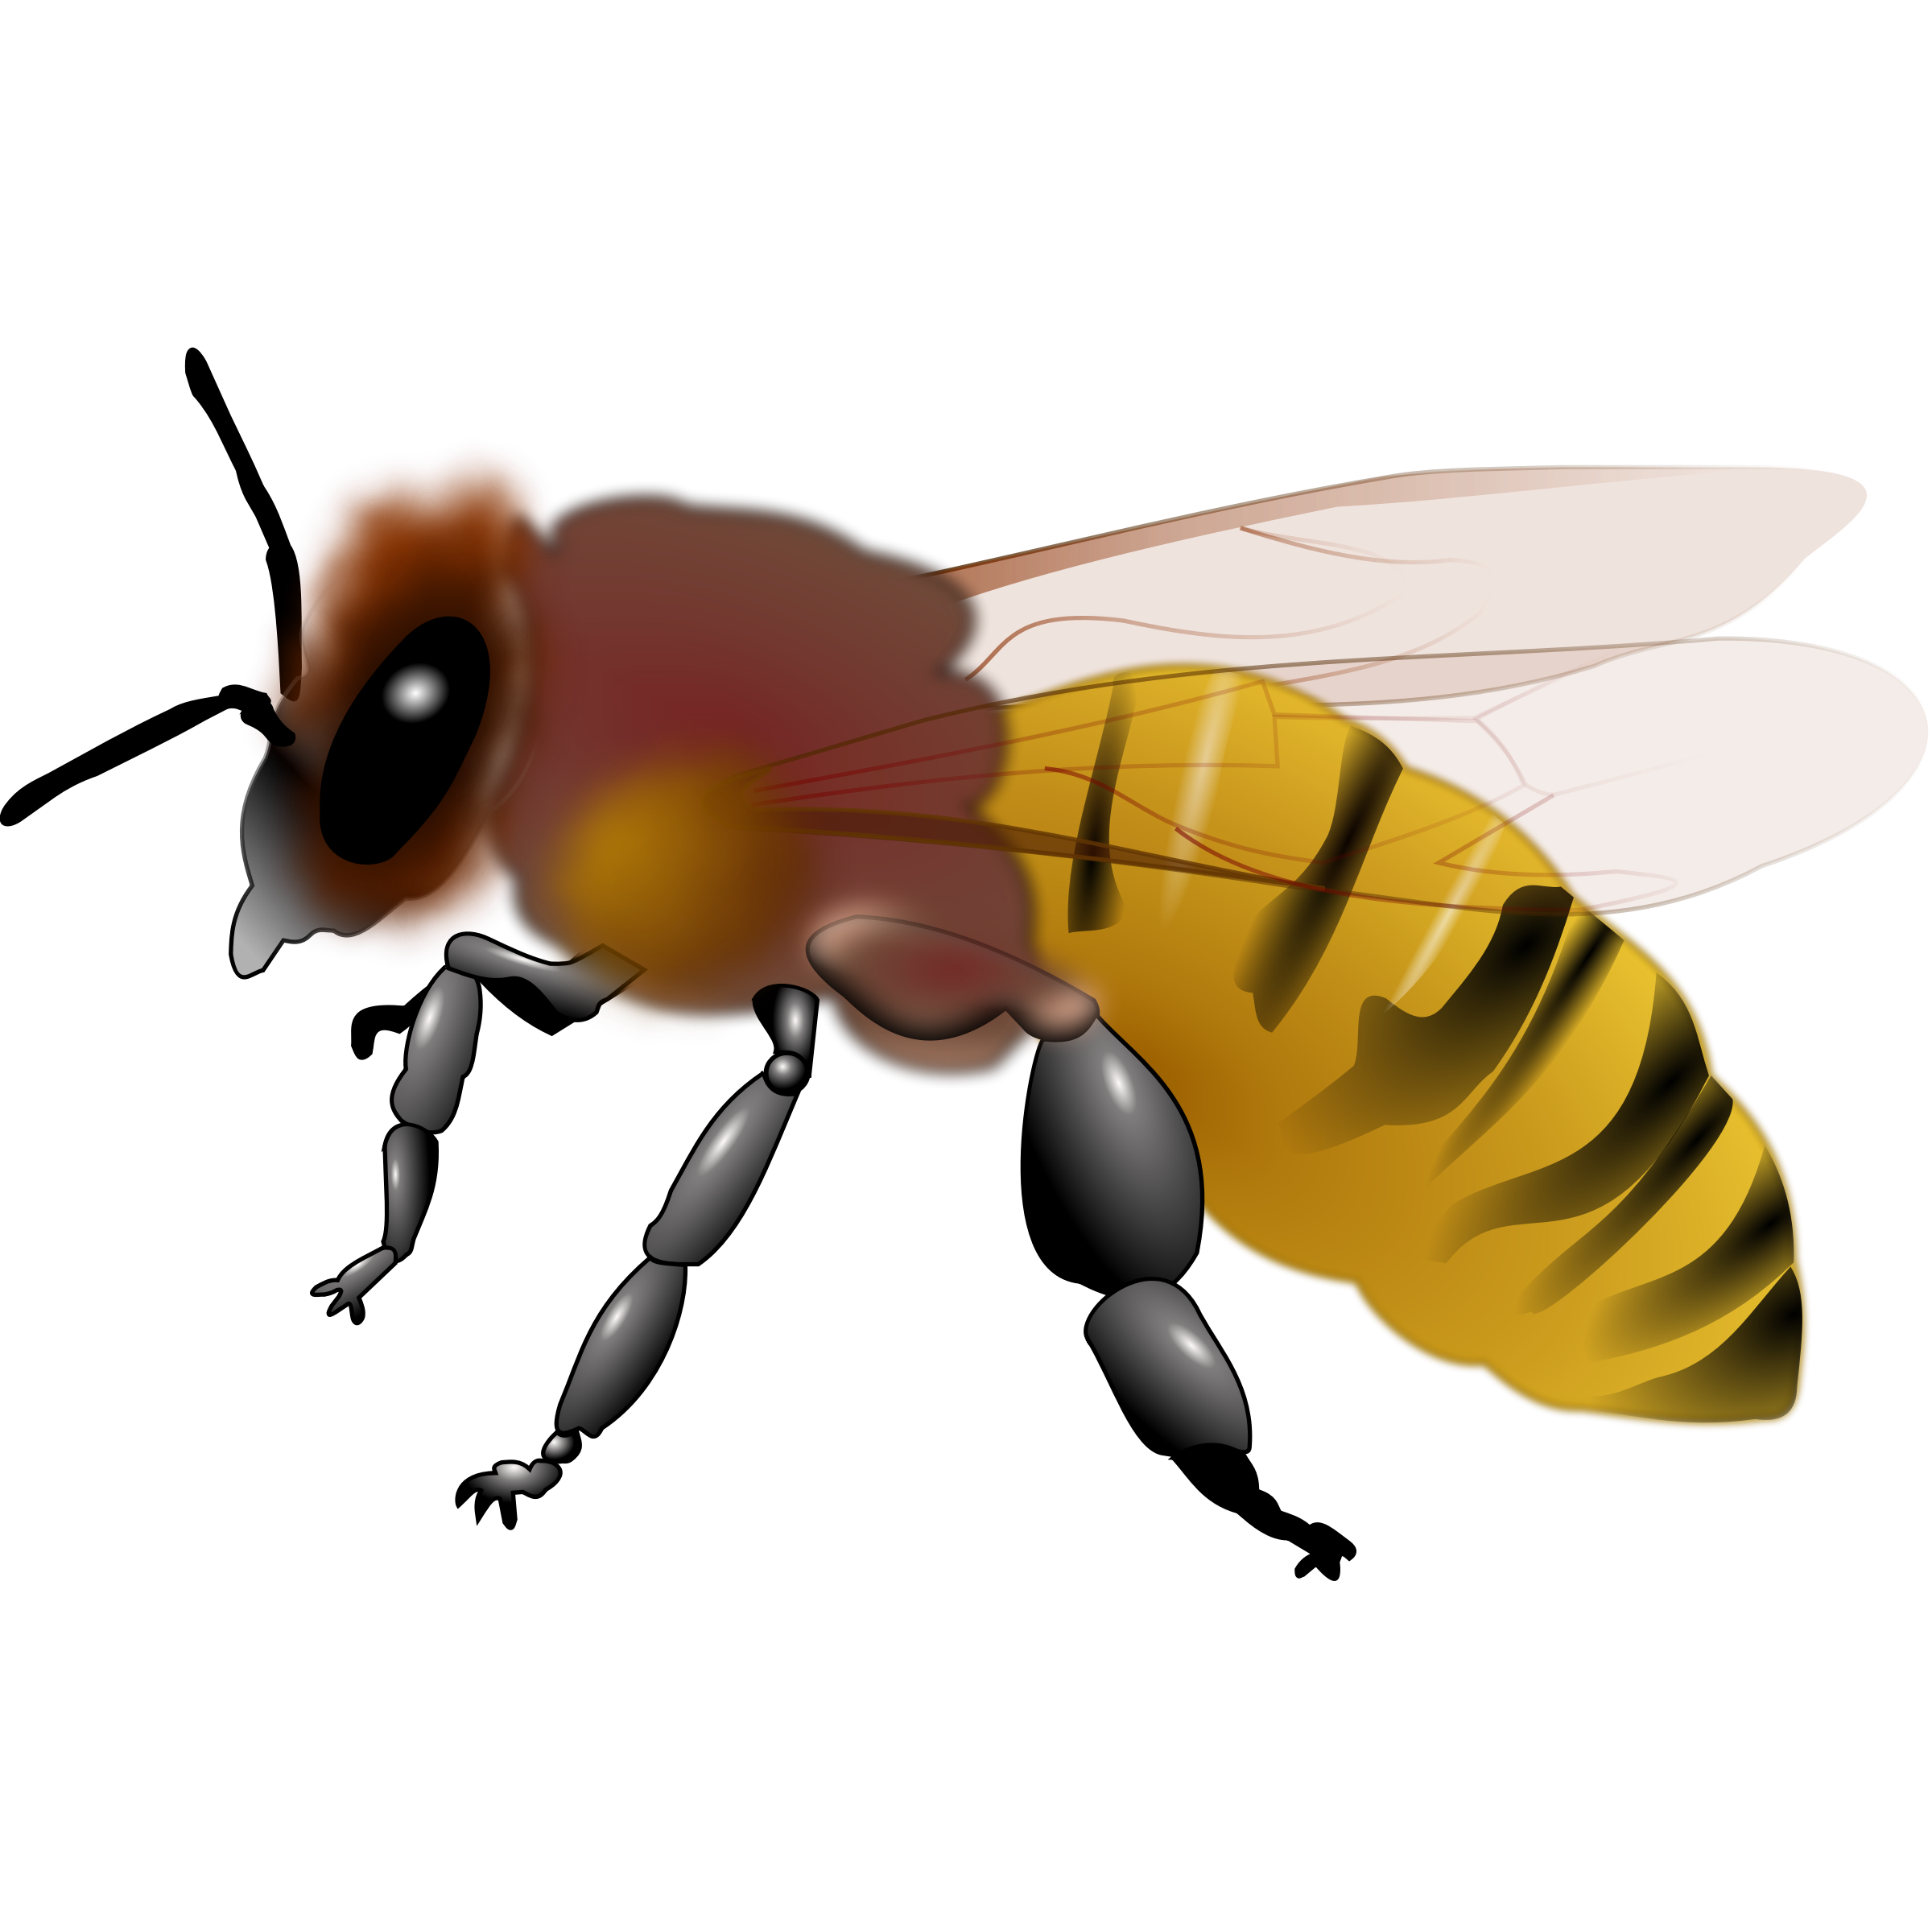 Bee Clipart : Honeybee